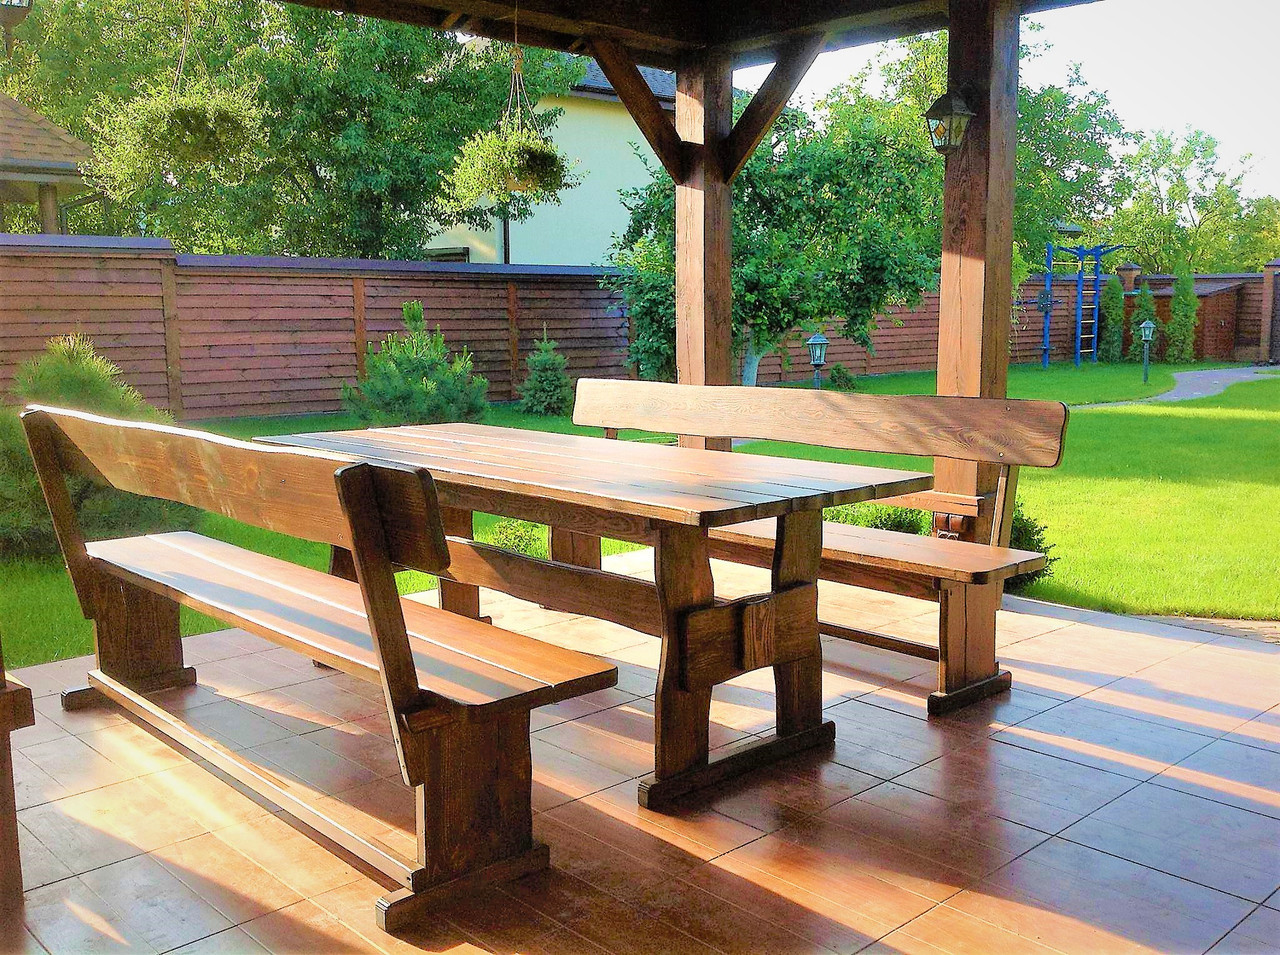 Садовая мебель из массива дерева 2200х800 от производителя для дачи, кафе, комплект Furniture set - 11